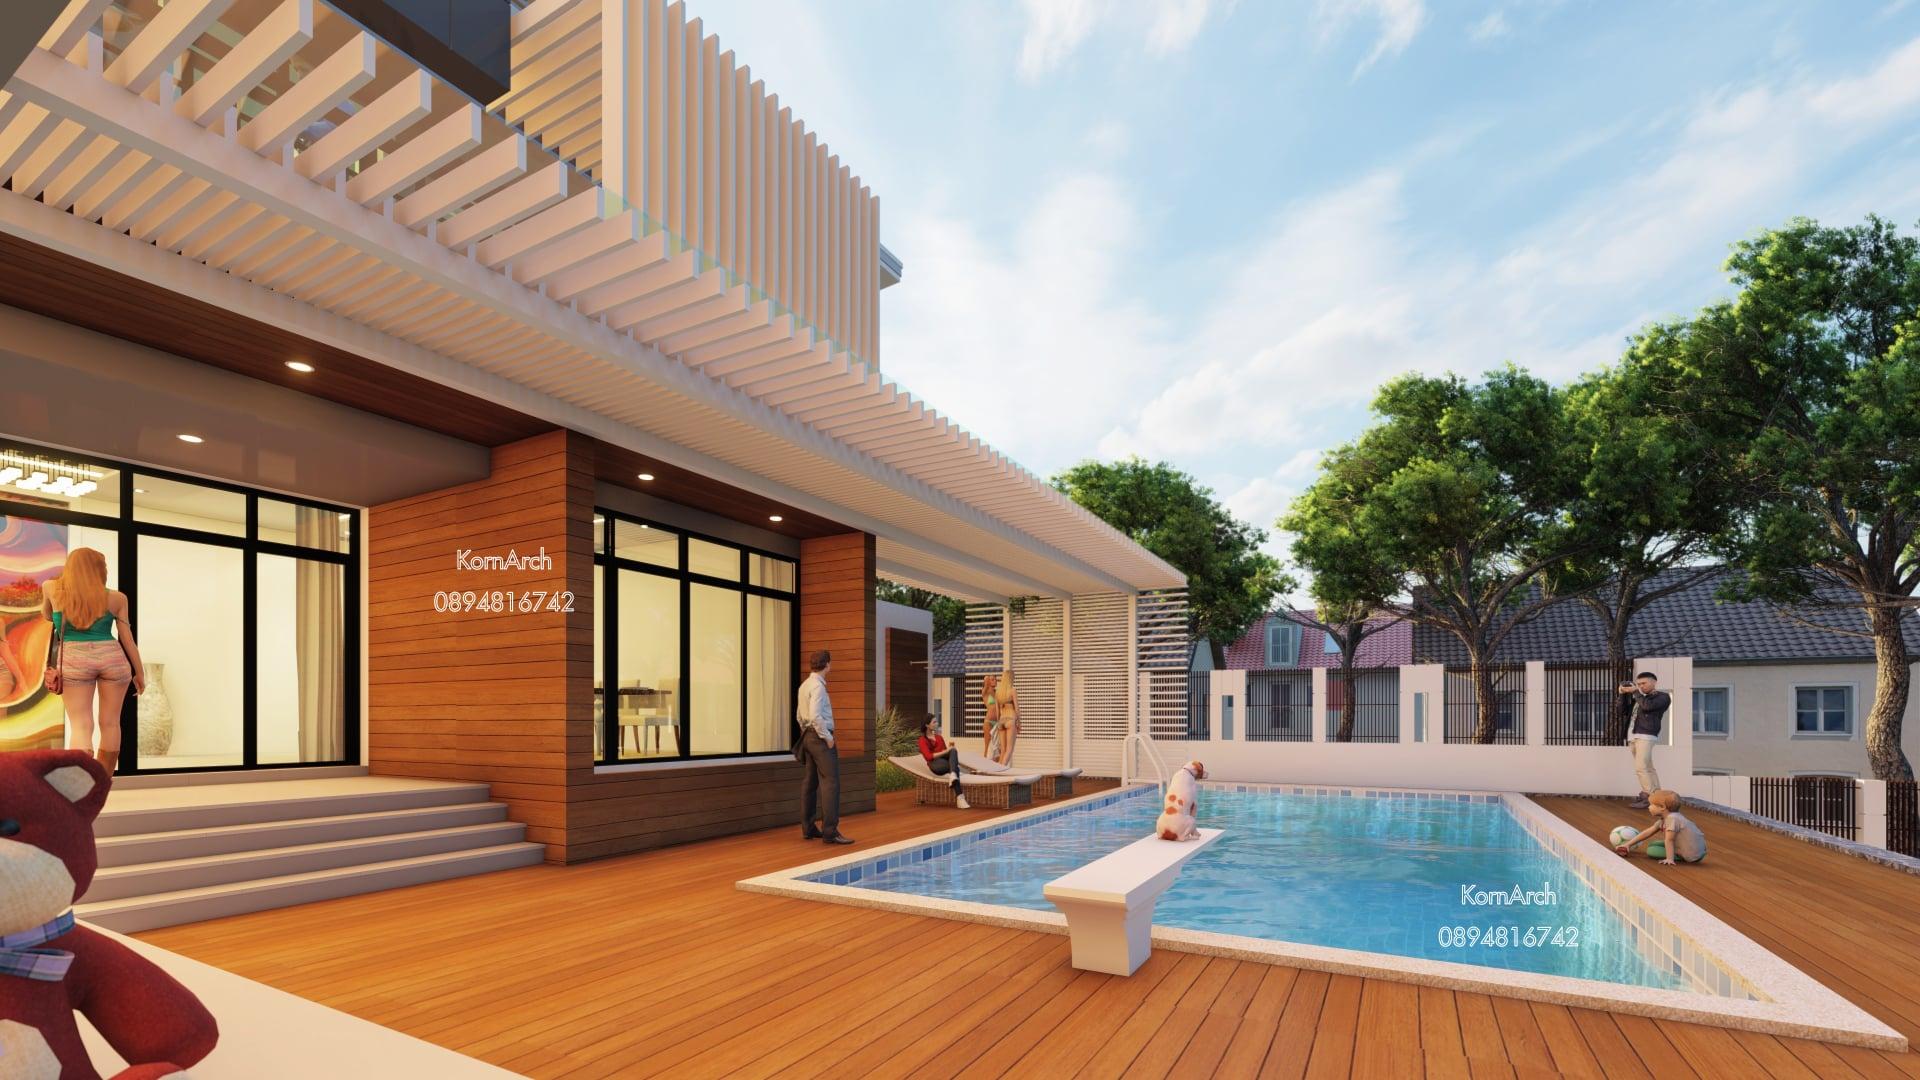 แบบบ้าน3ชั้น(มีชั้นใต้ดิน)พร้อมสระว่ายน้ำ เจ้าของอาคาร บริษัท สยาม รอยัล เอนเนอร์ยี่ จำกัด สถานที่ก่อสร้าง ต.นาโคก อ.เมืองสมุทรสาคร จ.สมุทรสาคร